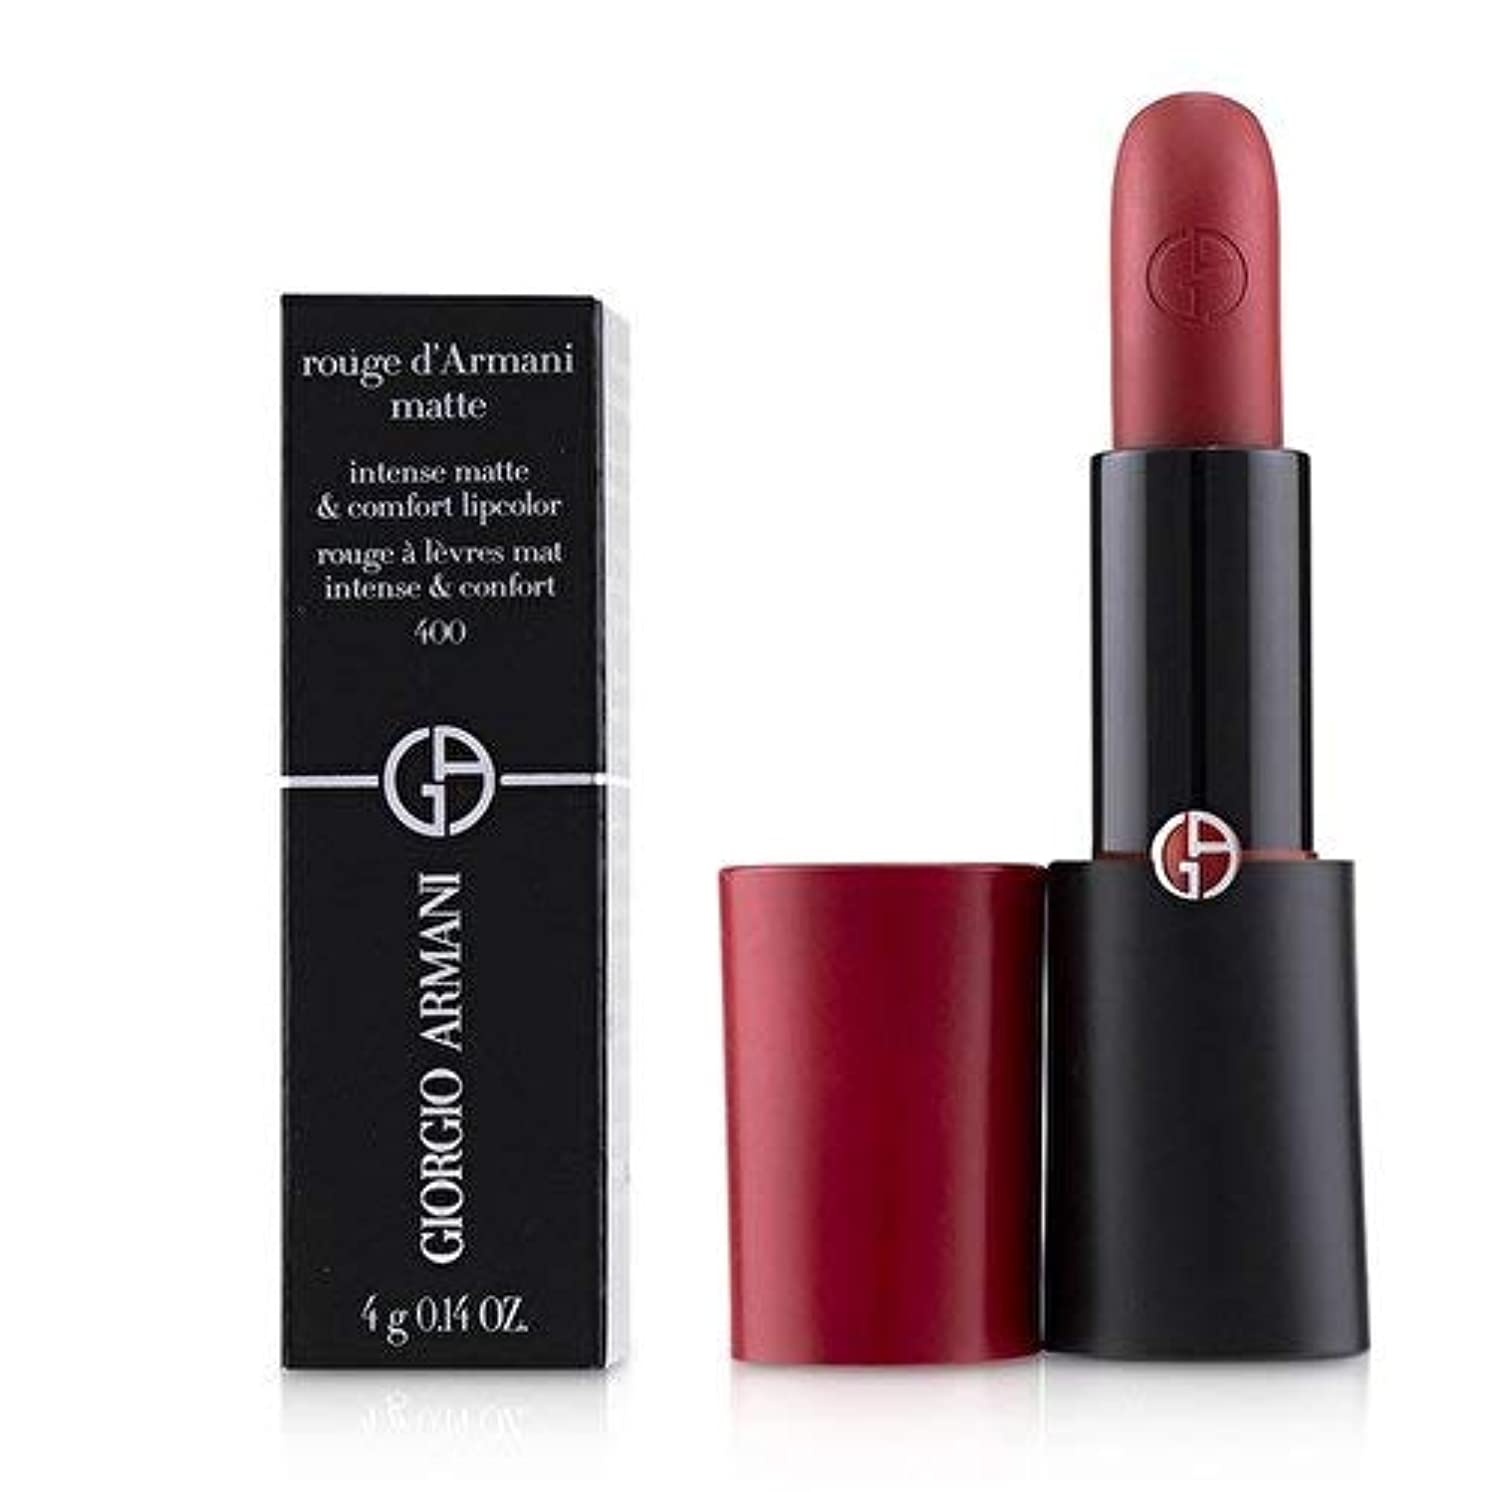 迅速測定おもしろいジョルジオアルマーニ Rouge D'Armani Matte Intense Matte & Comfort Lipcolor - # 400 Four Hundred 4g/0.14oz並行輸入品